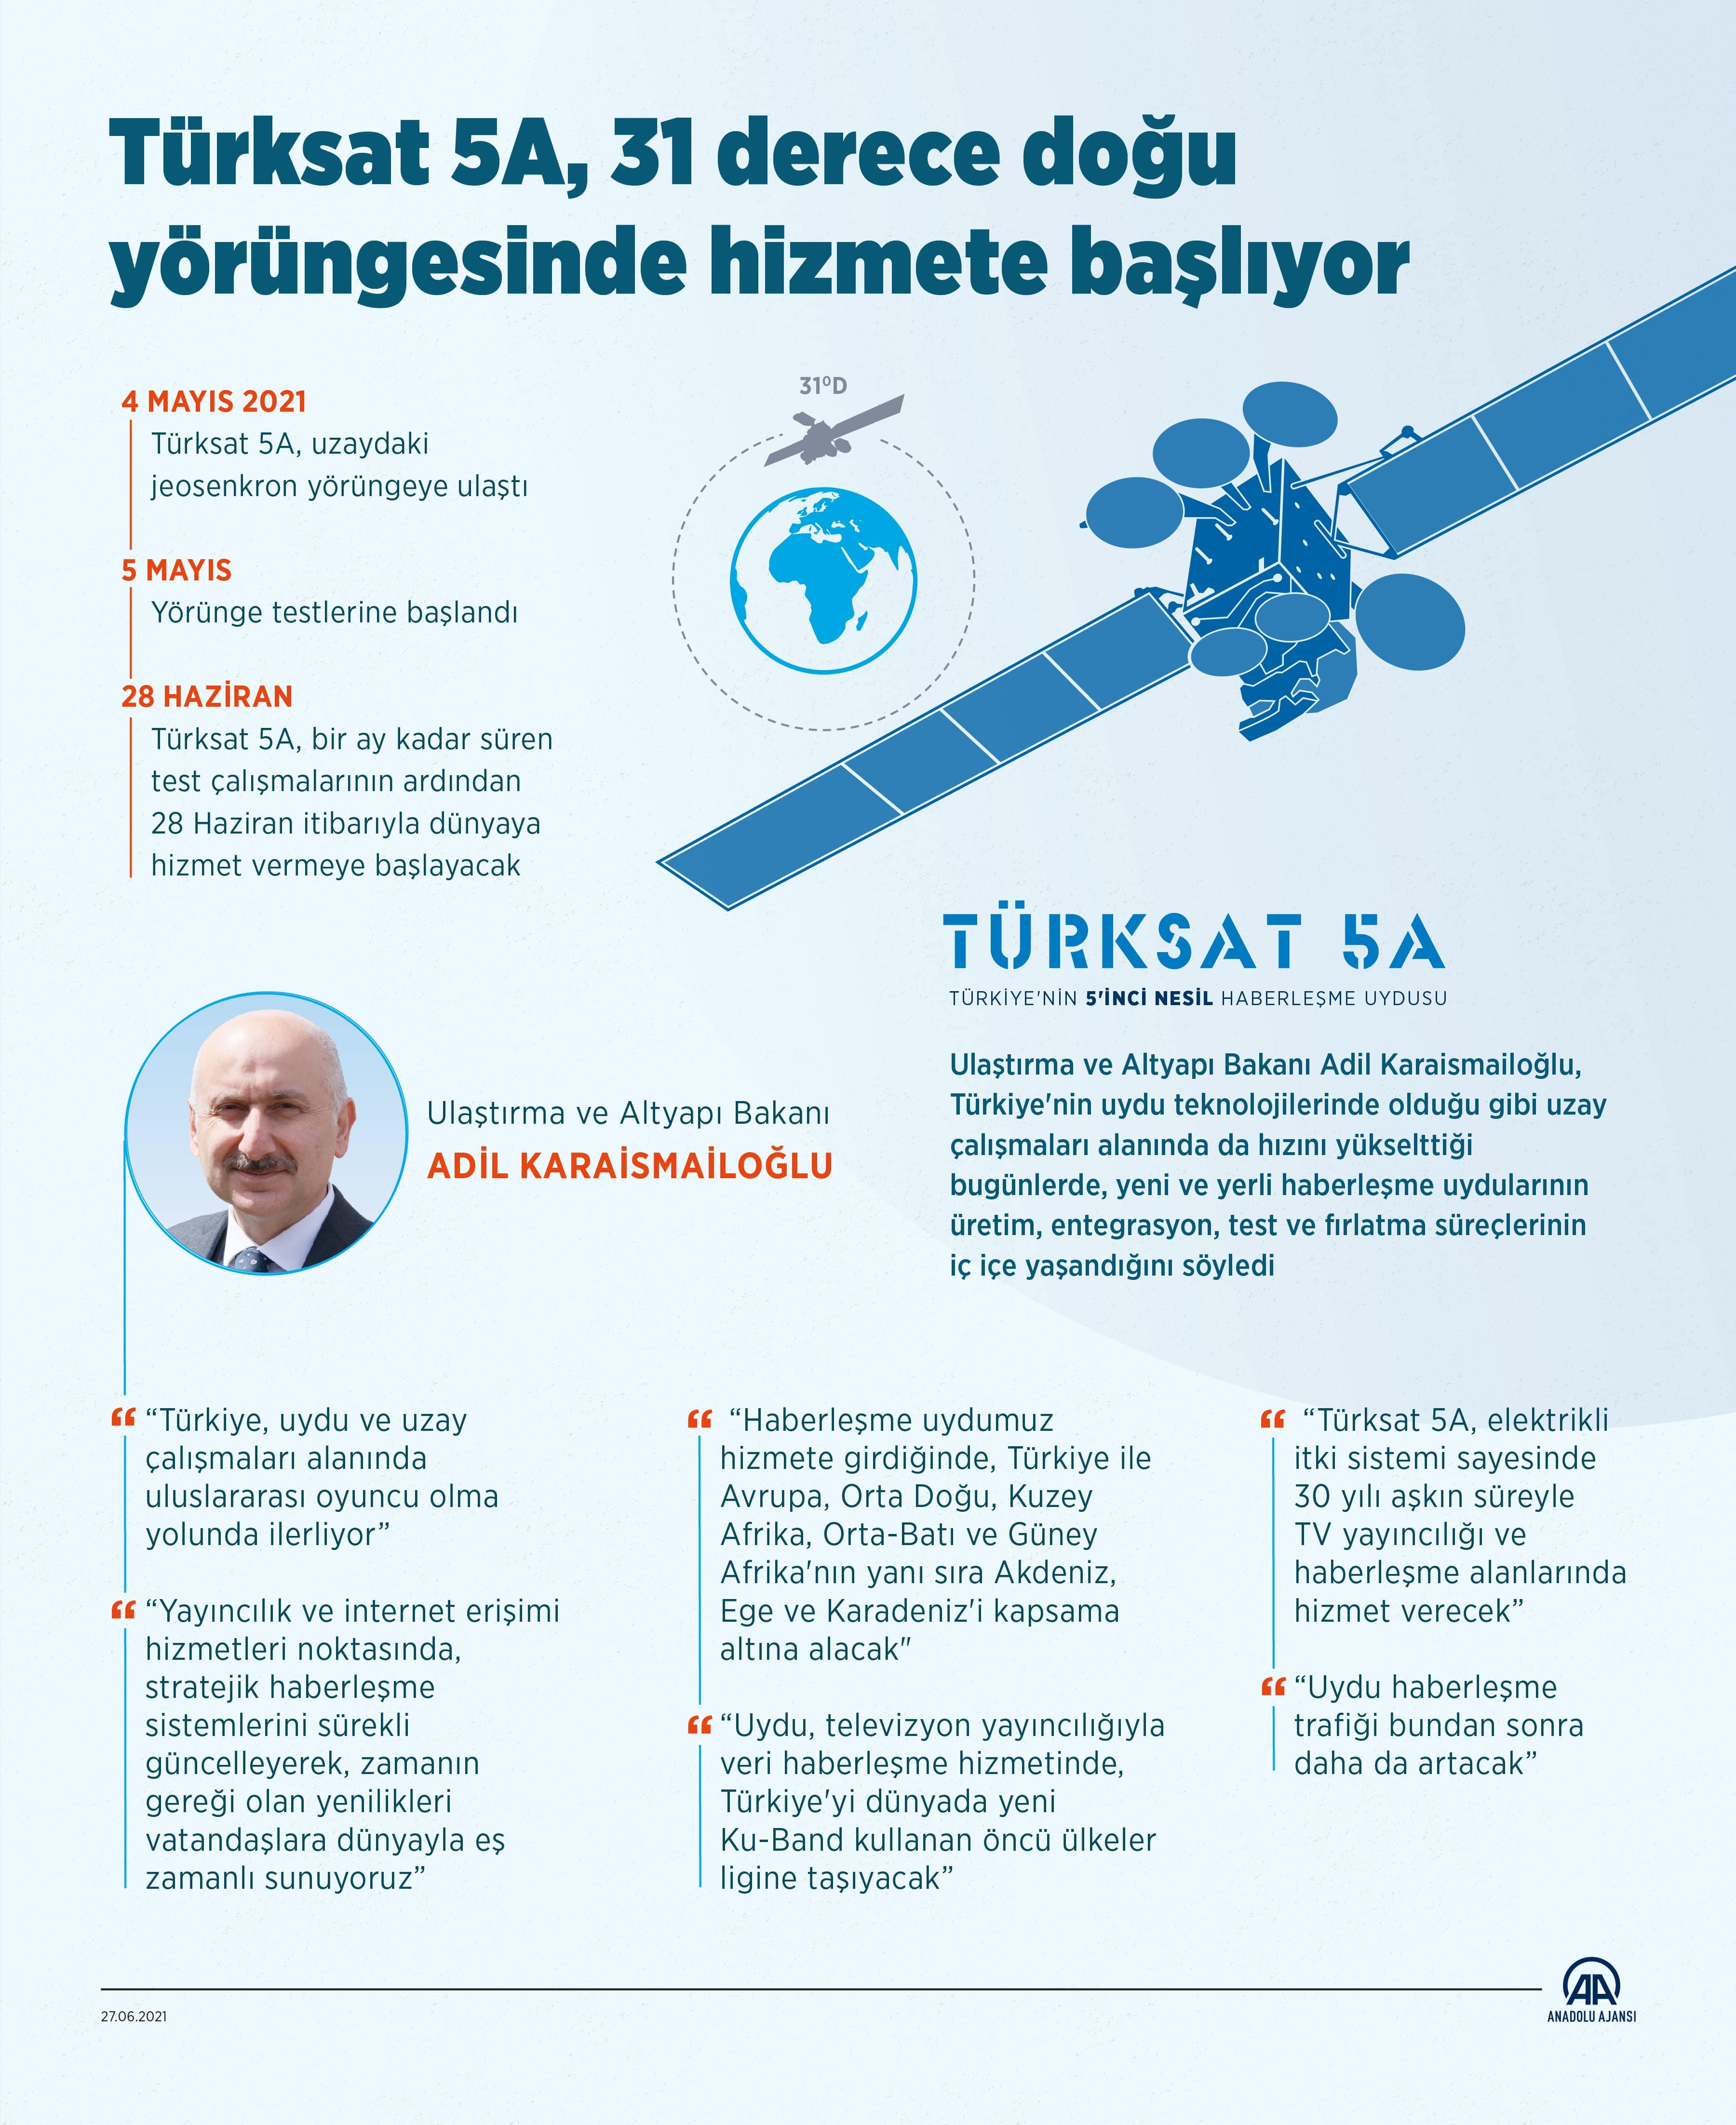 Türksat 5A frekans listesi, bilgileri 2021 | Türksat 5A frekans bilgileri değişecek mi?